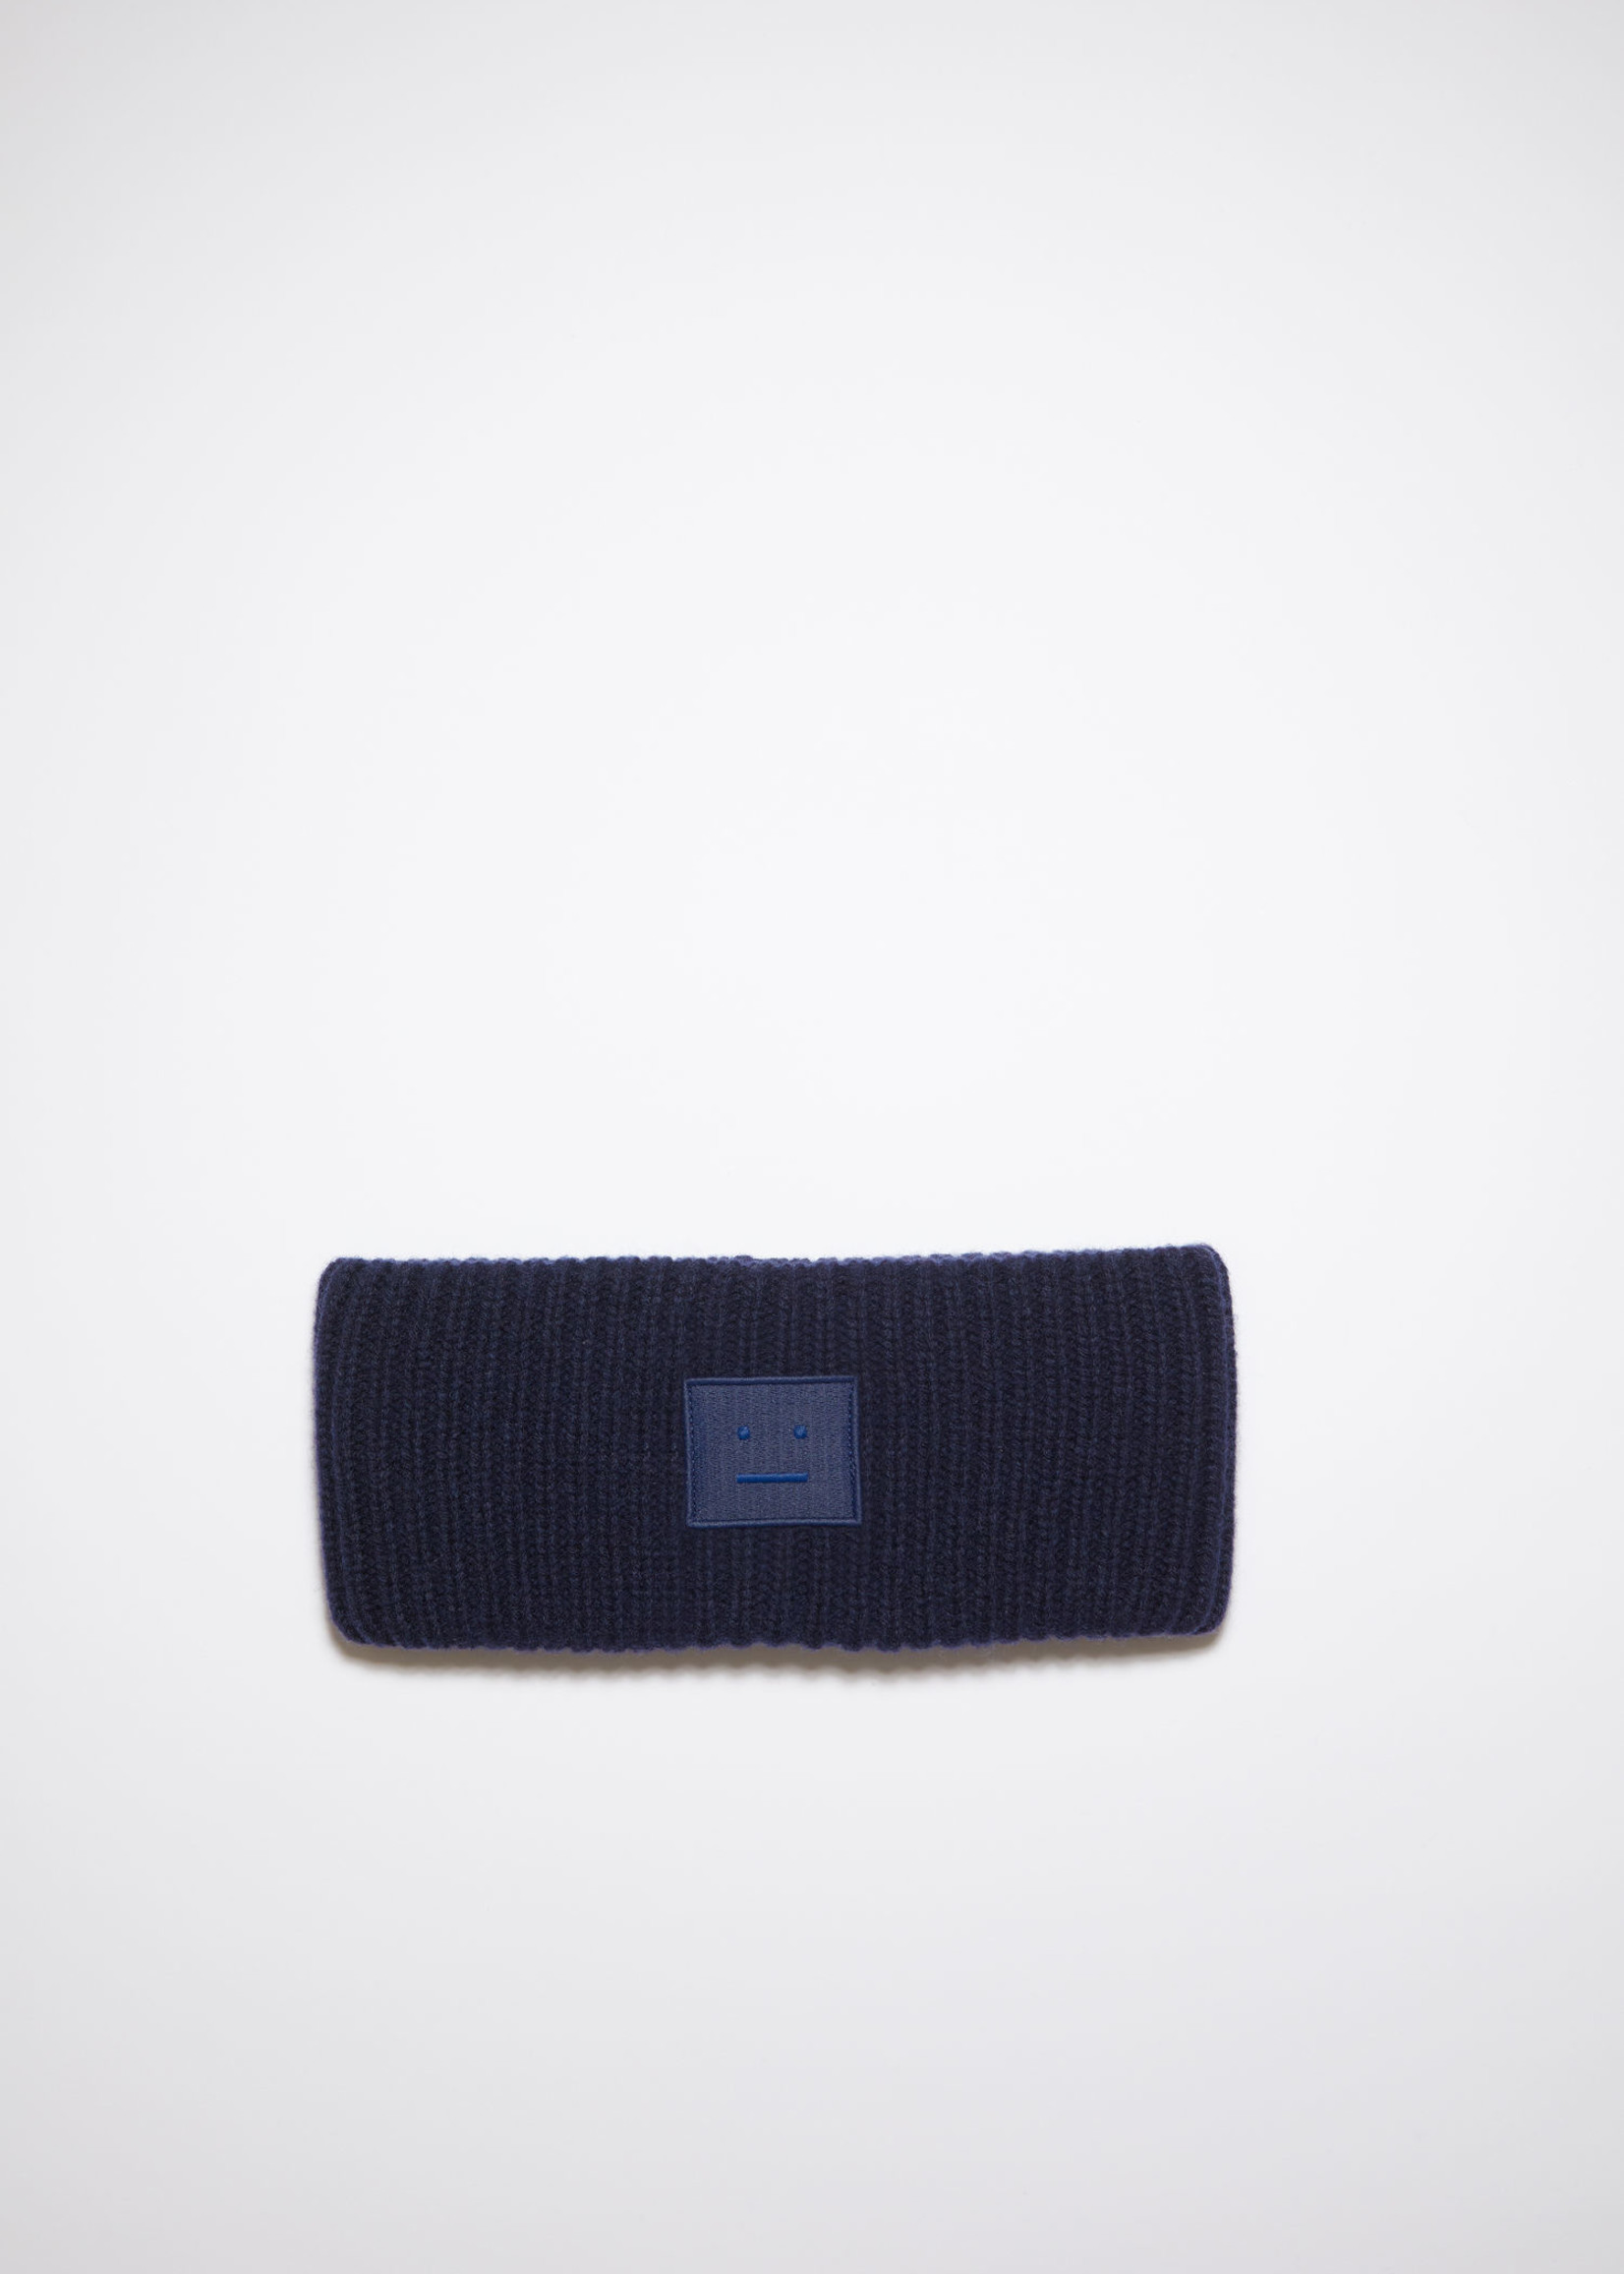 Acnestudios Acnestudios headband face navy